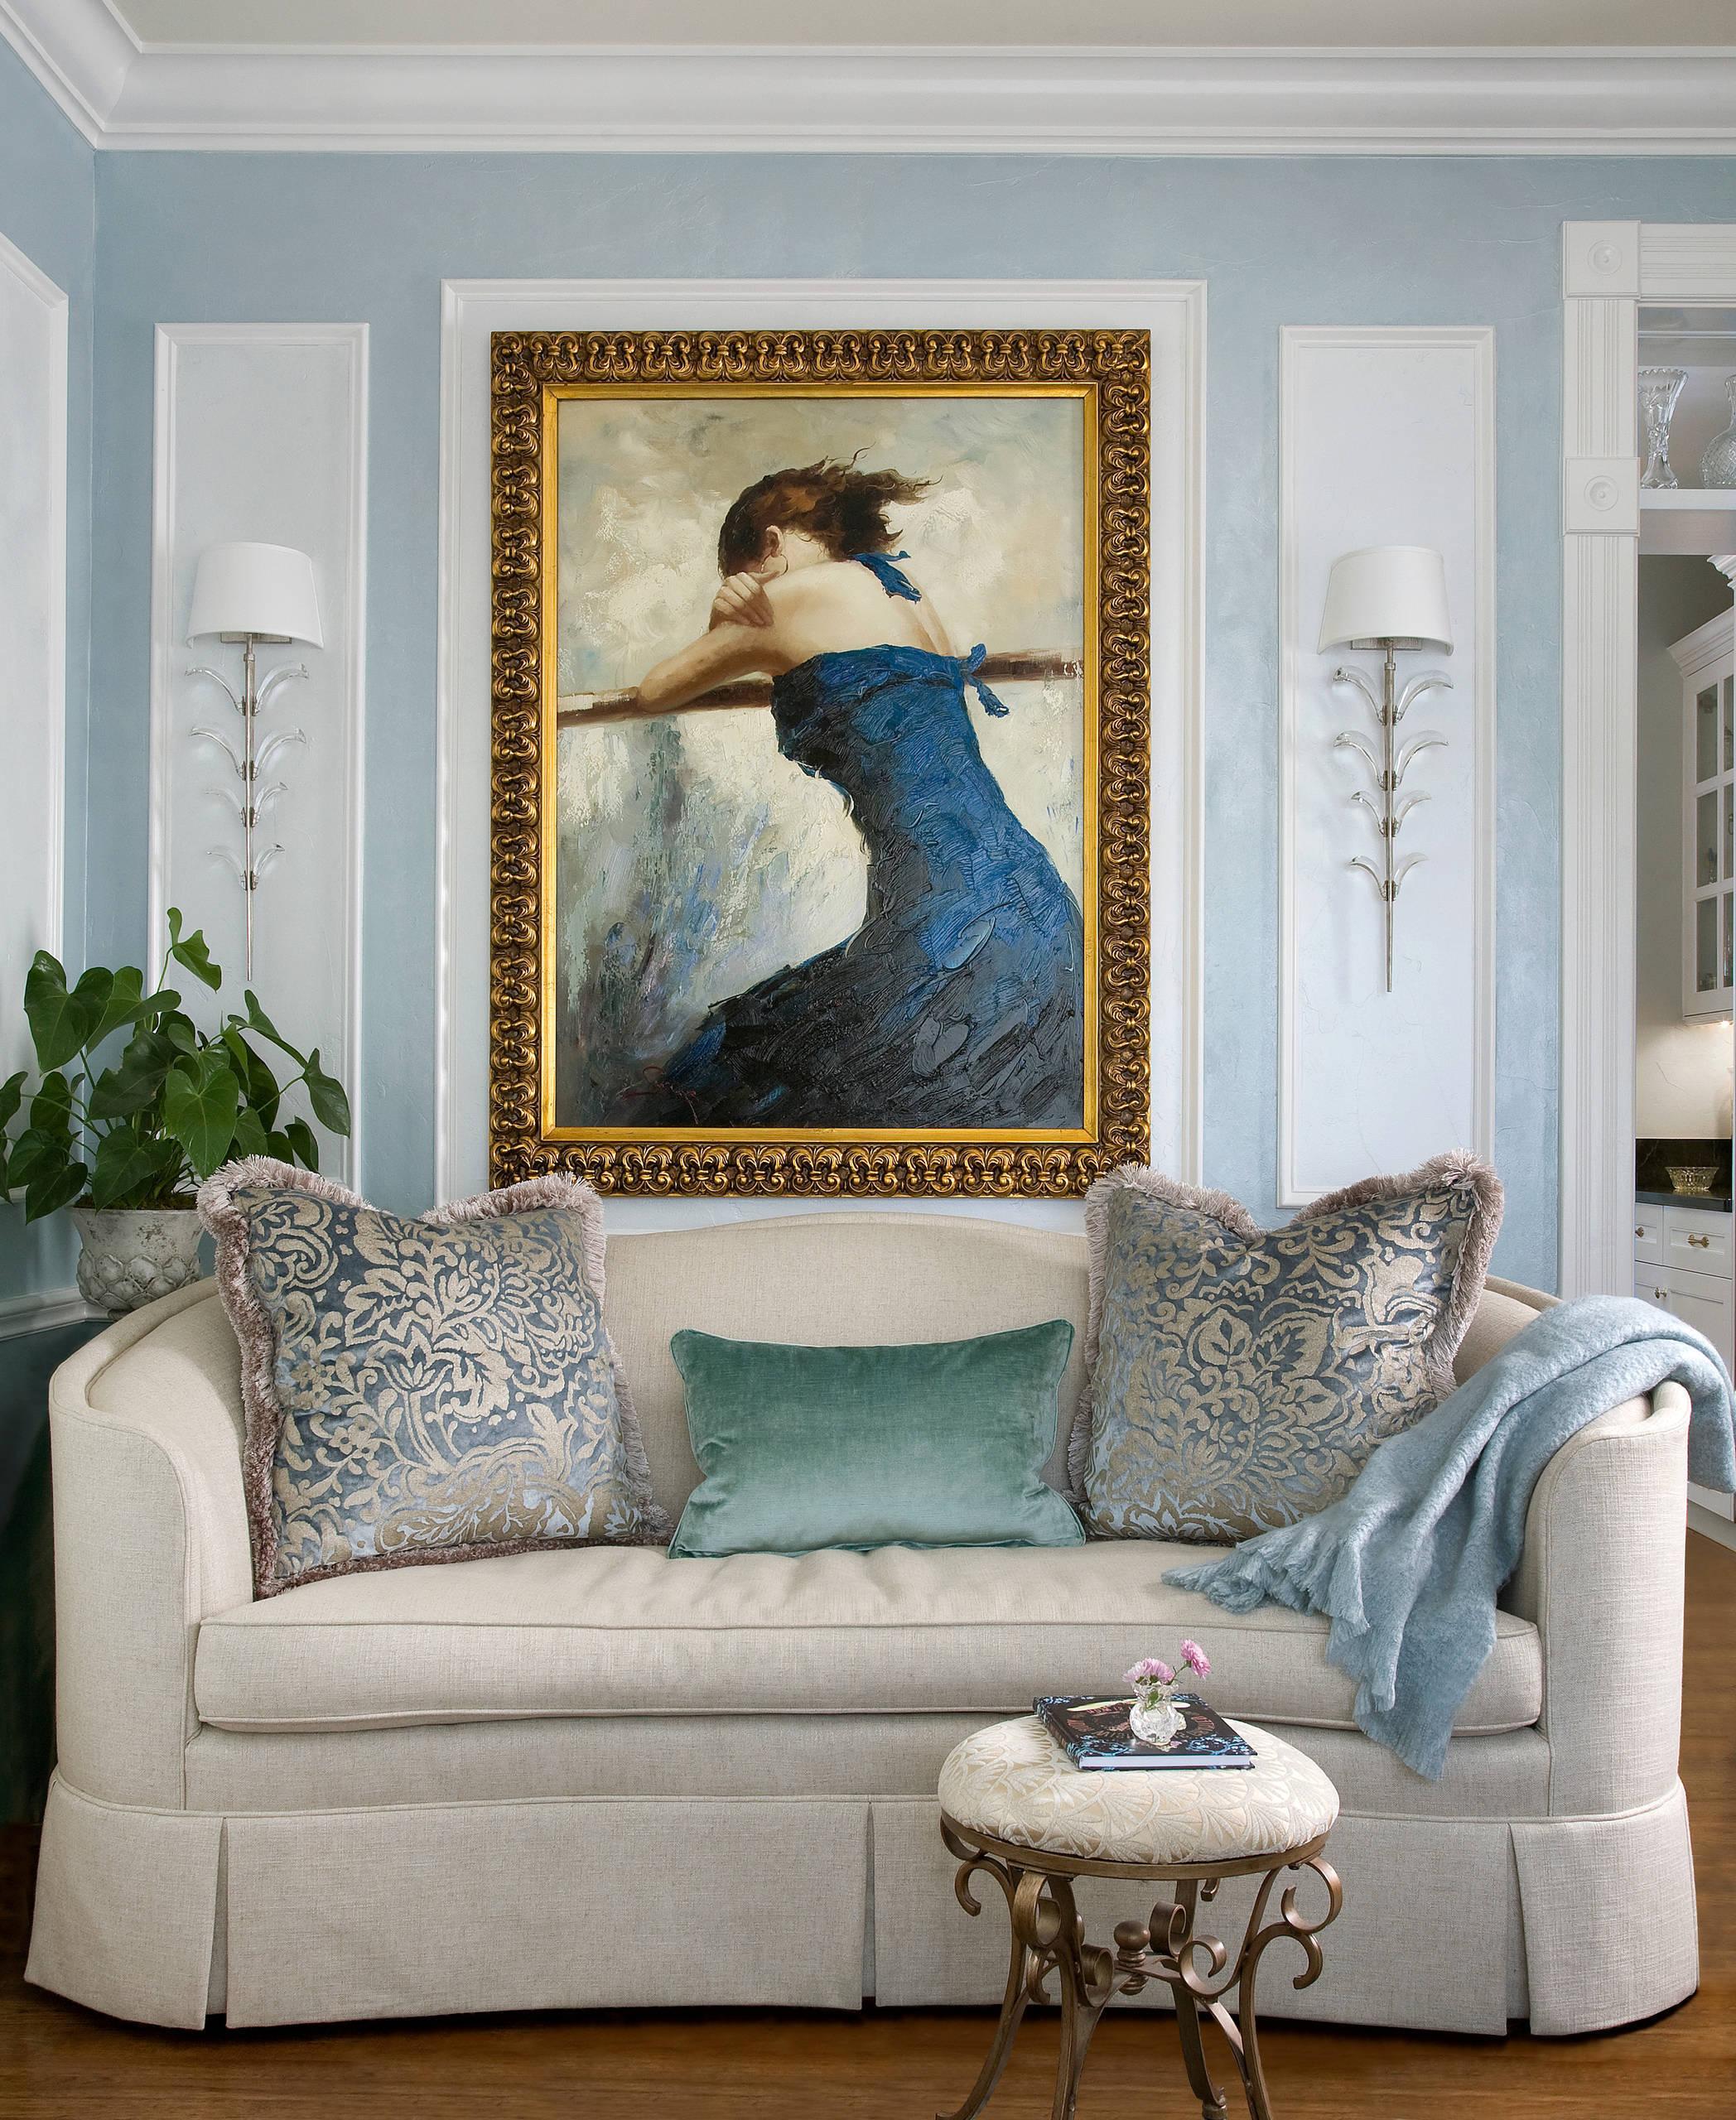 Originelle Gemälde für Zuhause kaufen - die Grundlagen